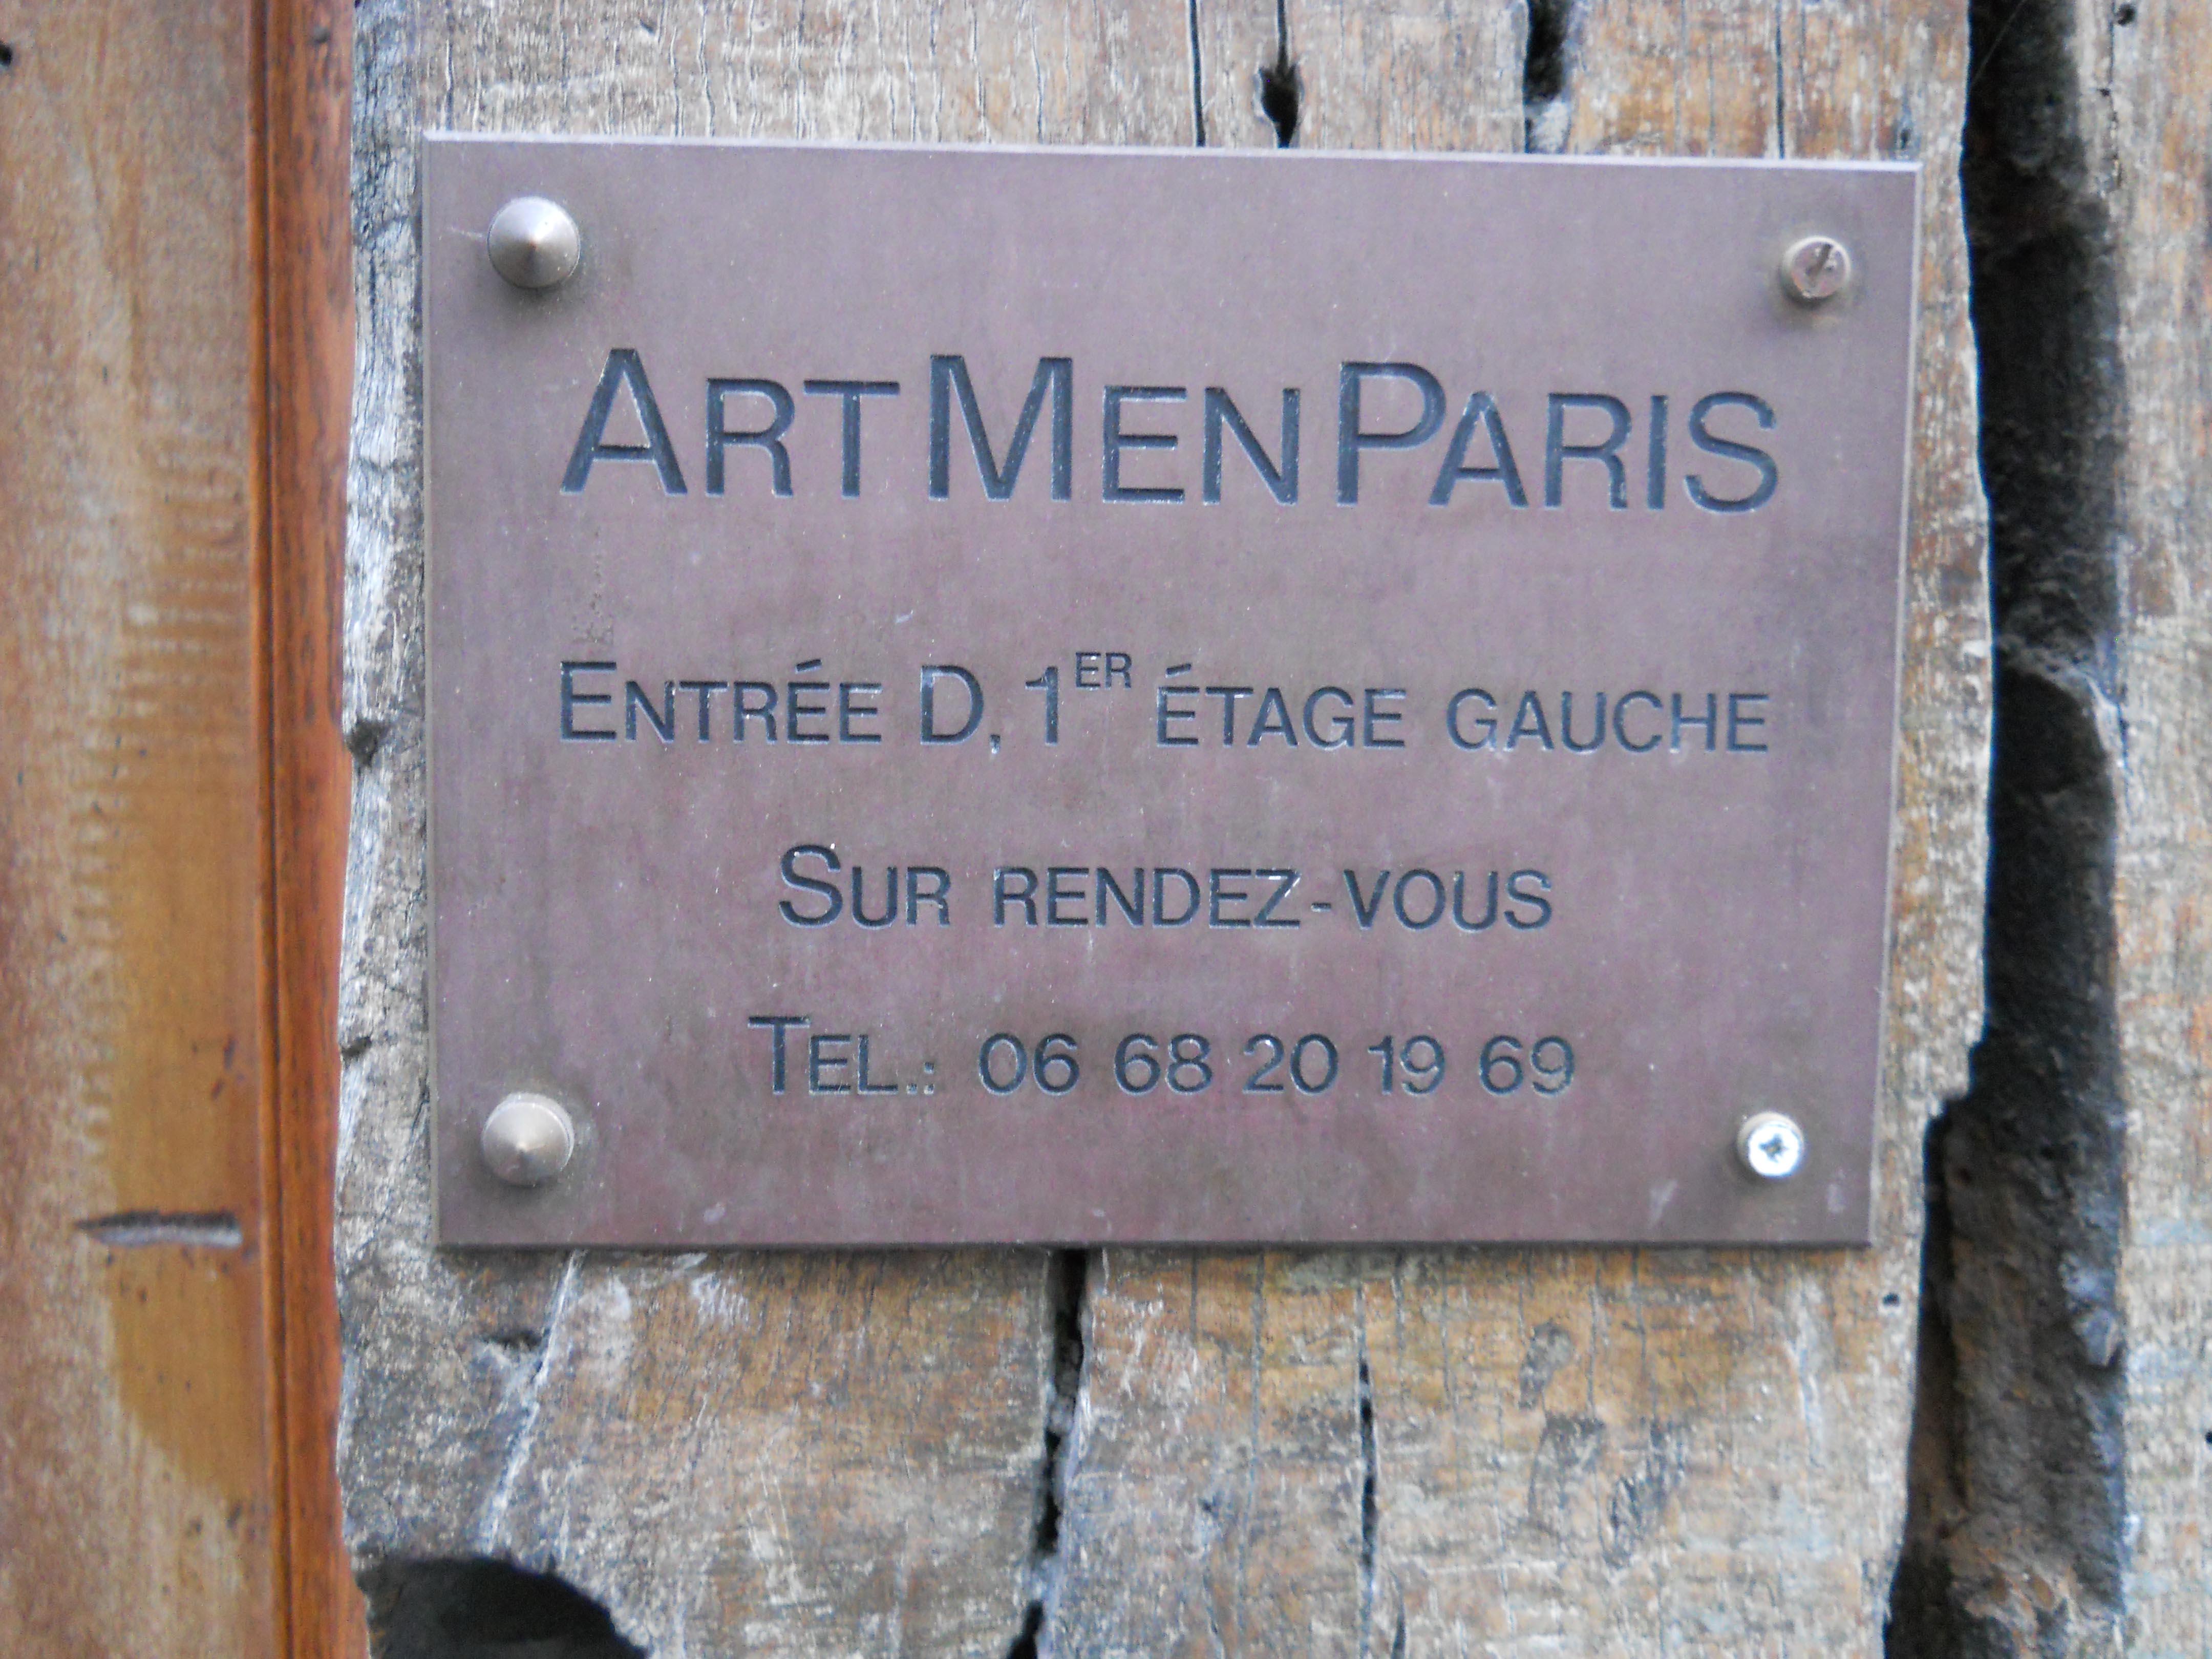 ArtMenParis